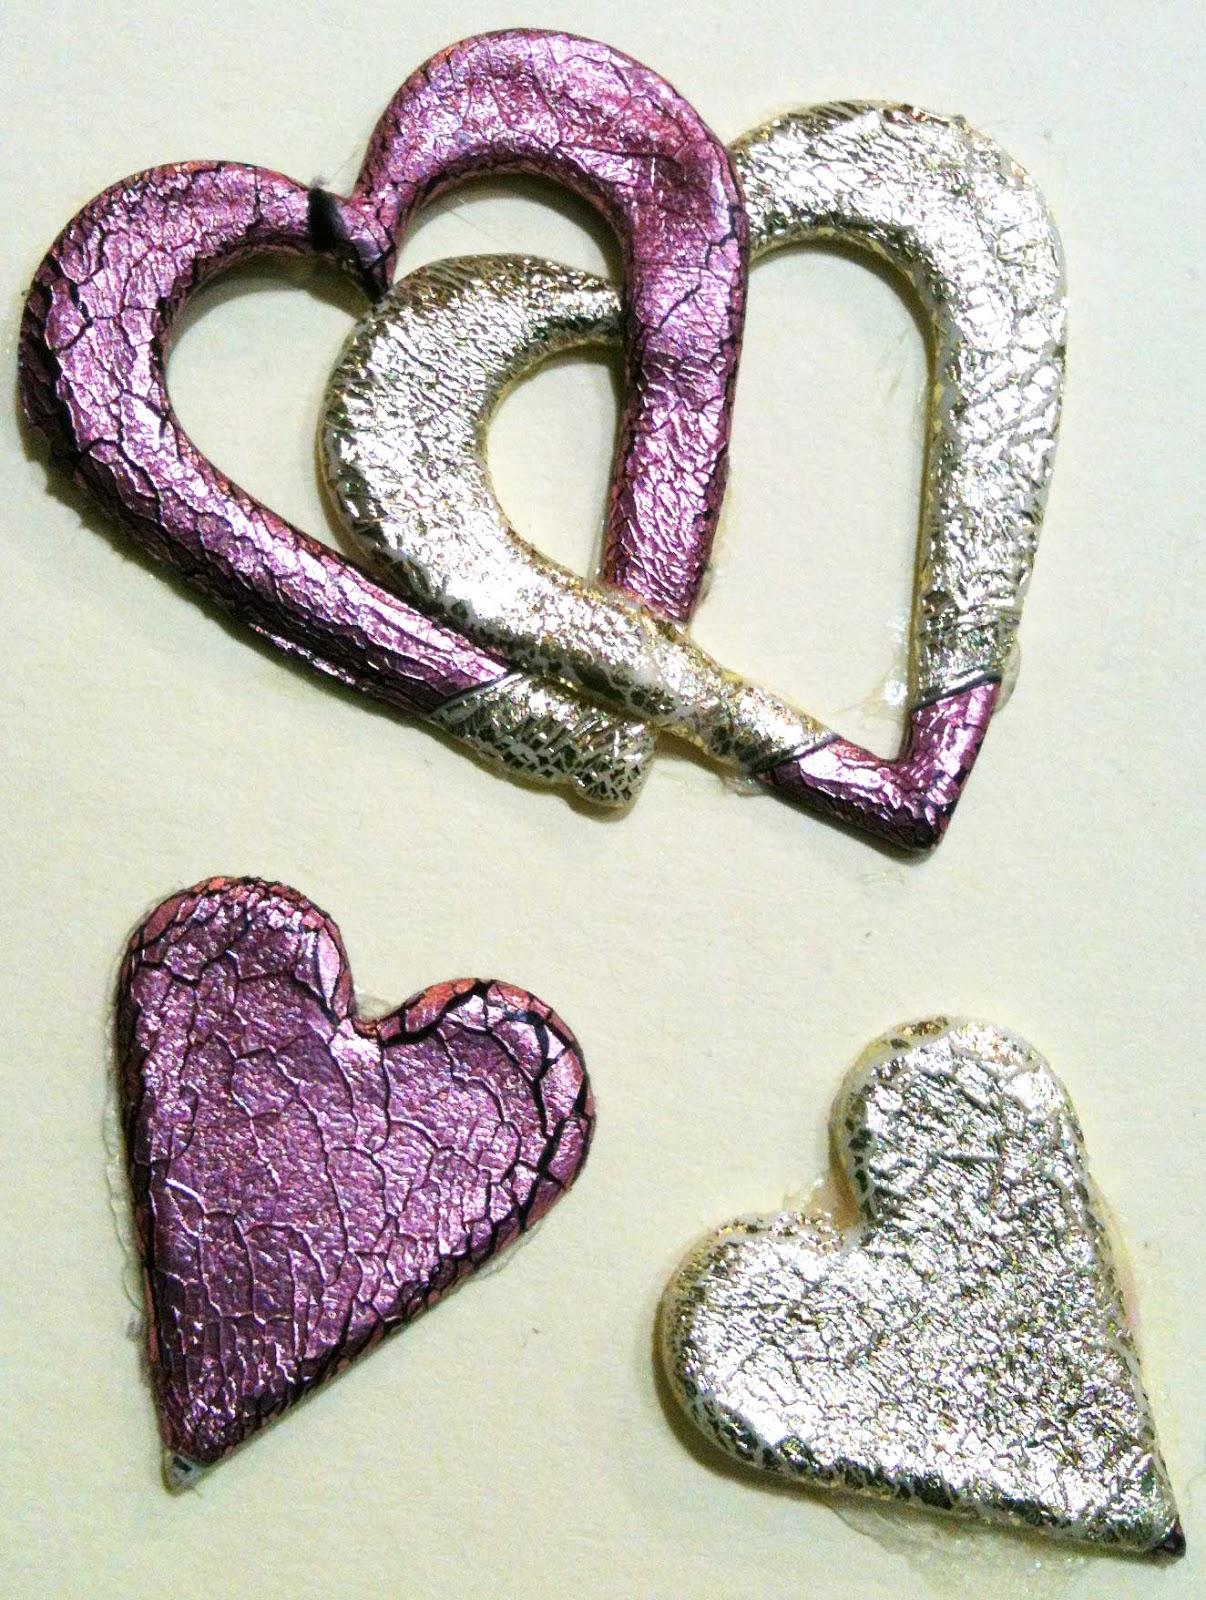 Intertwined Hearts intertwined - DriverLa...